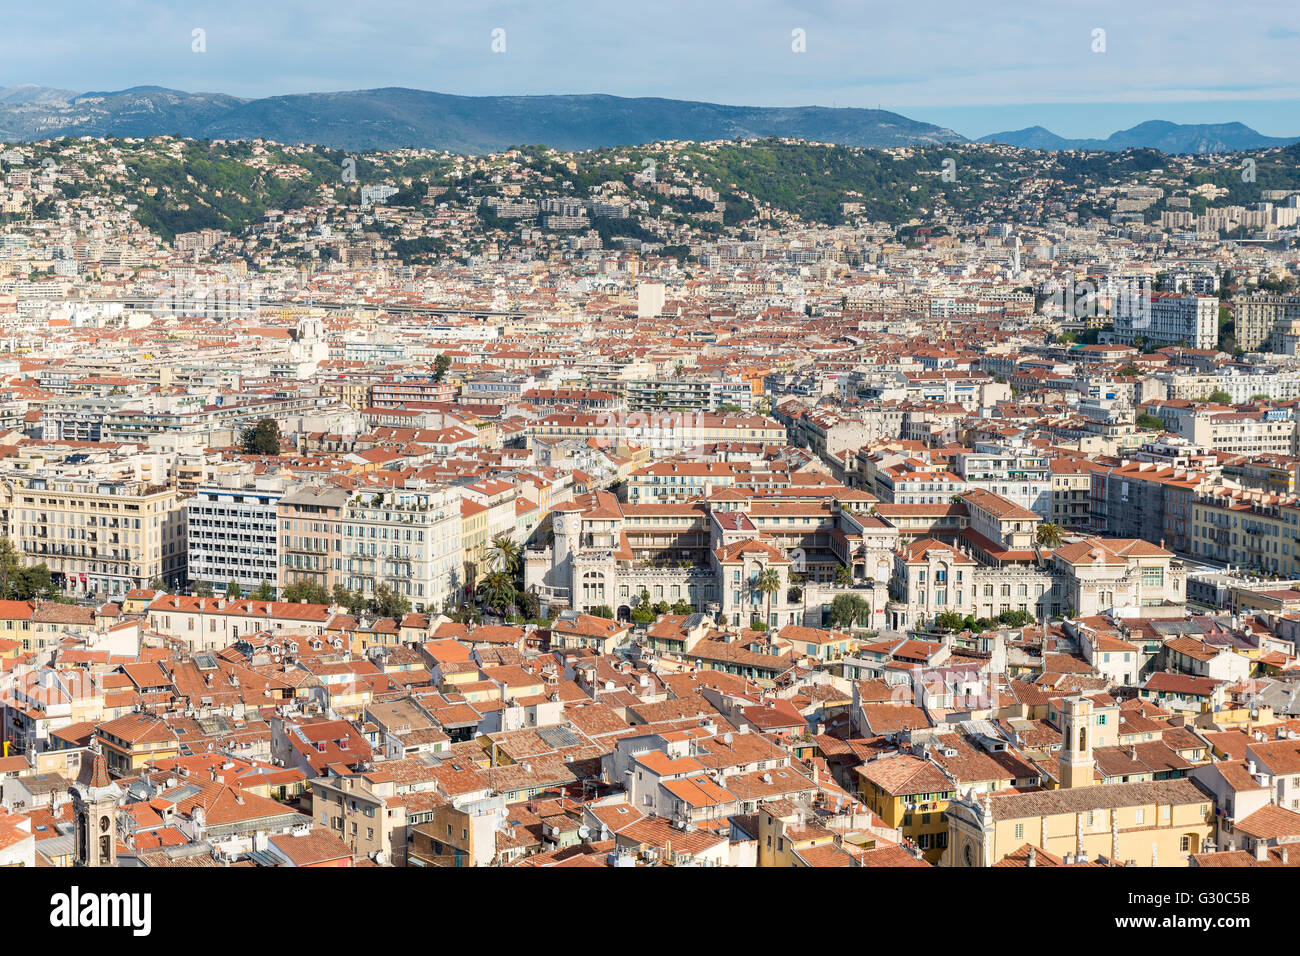 Paesaggio urbano vista sullo skyline della città di Nizza, Alpes Maritimes, Provenza, Cote d'Azur, Costa Immagini Stock